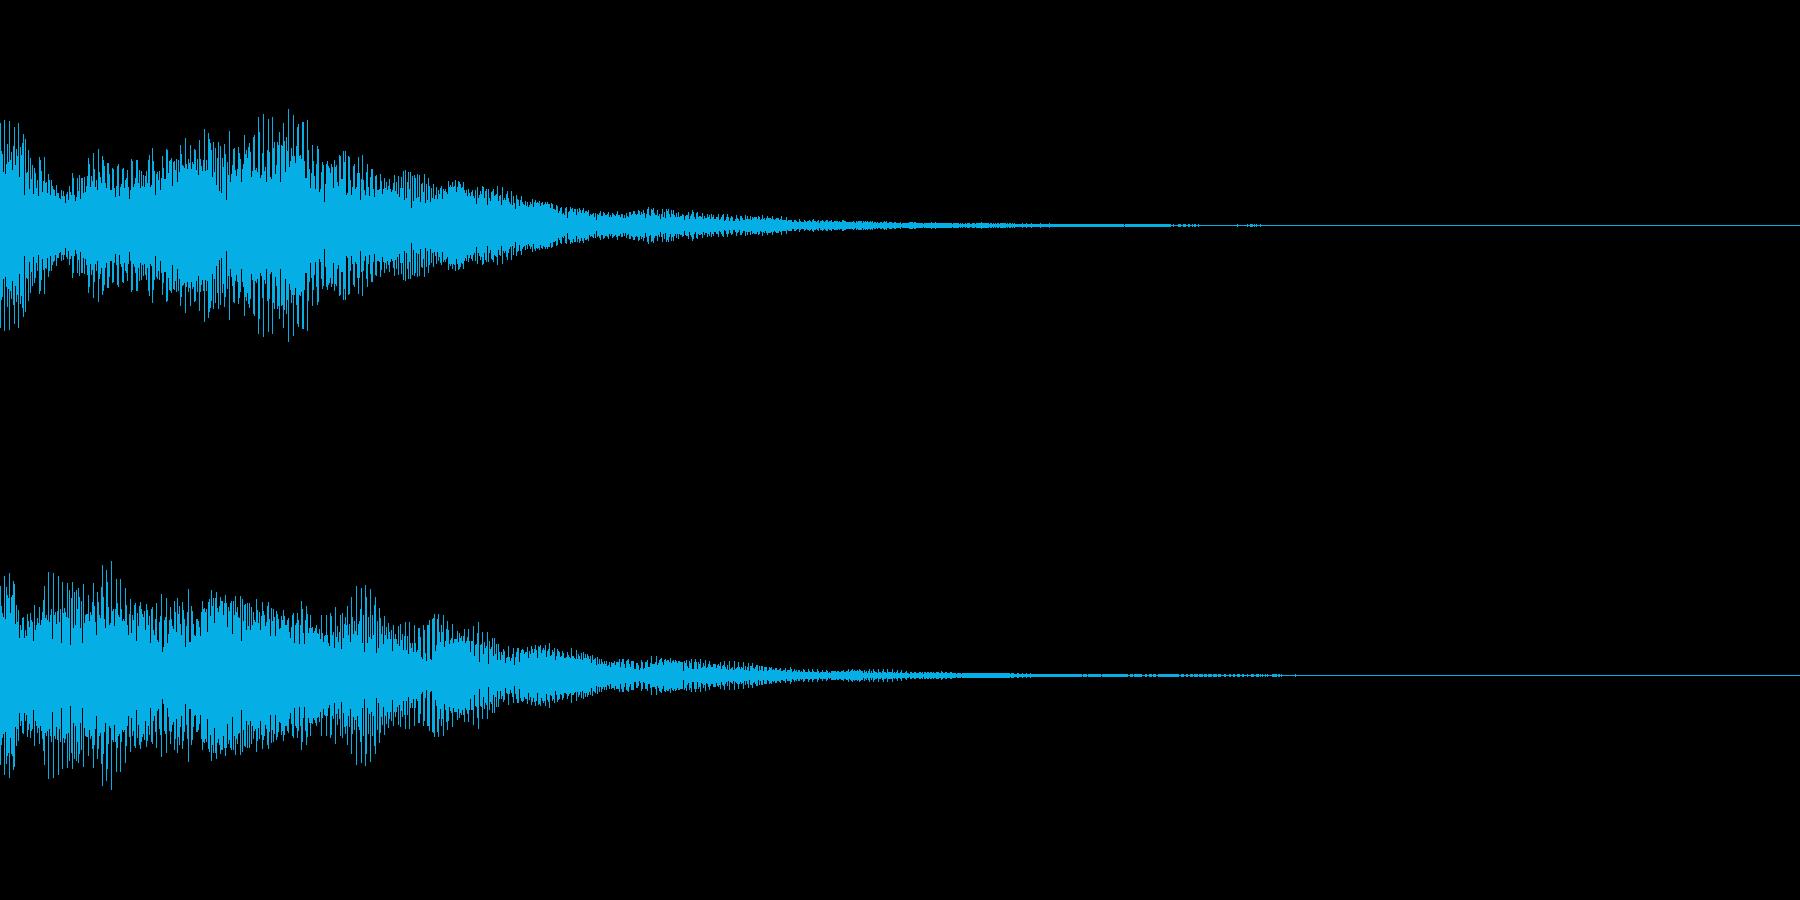 スロットリールランダムスピン再生音の再生済みの波形